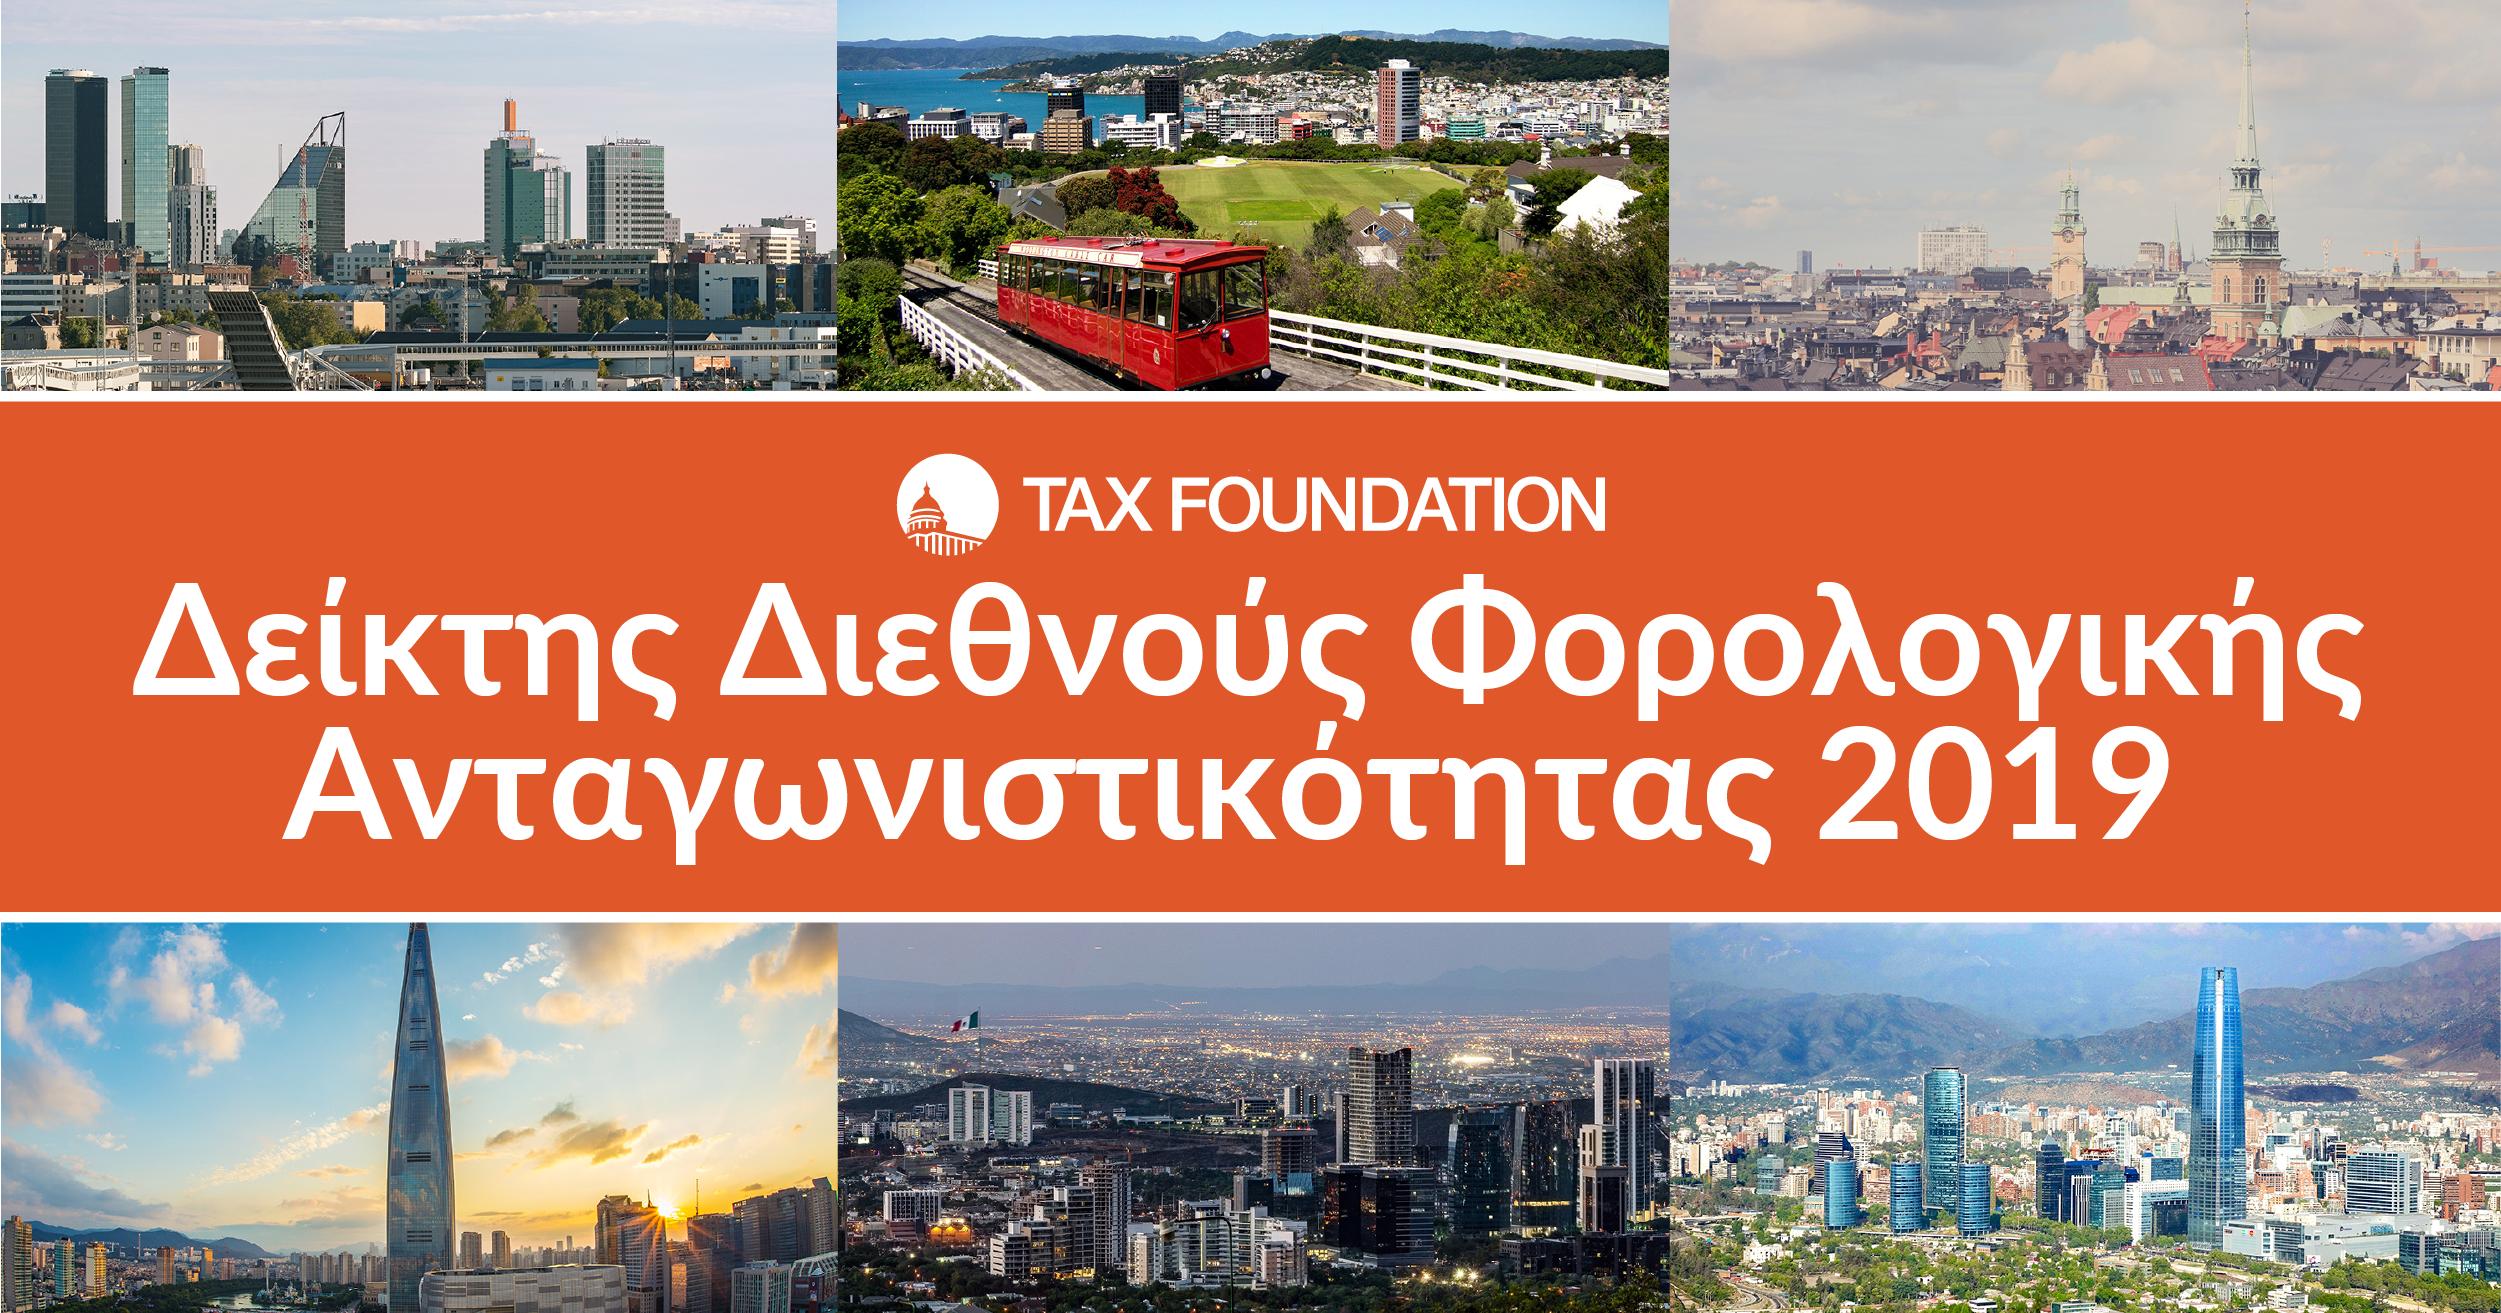 30η από τις 36 χώρες του ΟΟΣΑ η Ελλάδα στον Δείκτη Διεθνούς Φορολογικής Ανταγωνιστικότητας